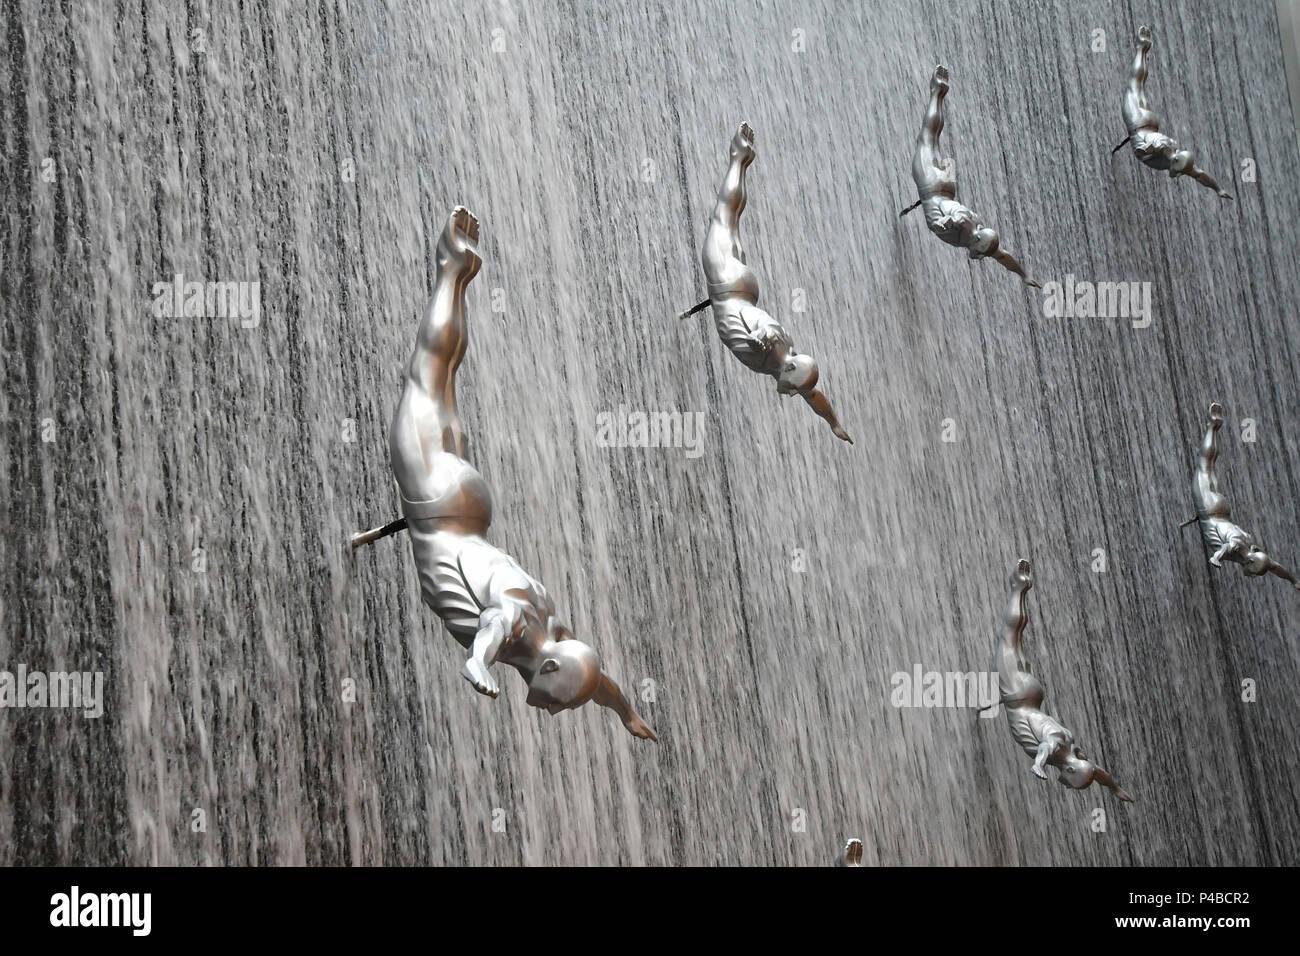 Hombre volador cascada mole en Dubai, Emiratos Árabes Unidos, los Emiratos, Oriente Medio, Oriente Medio Imagen De Stock